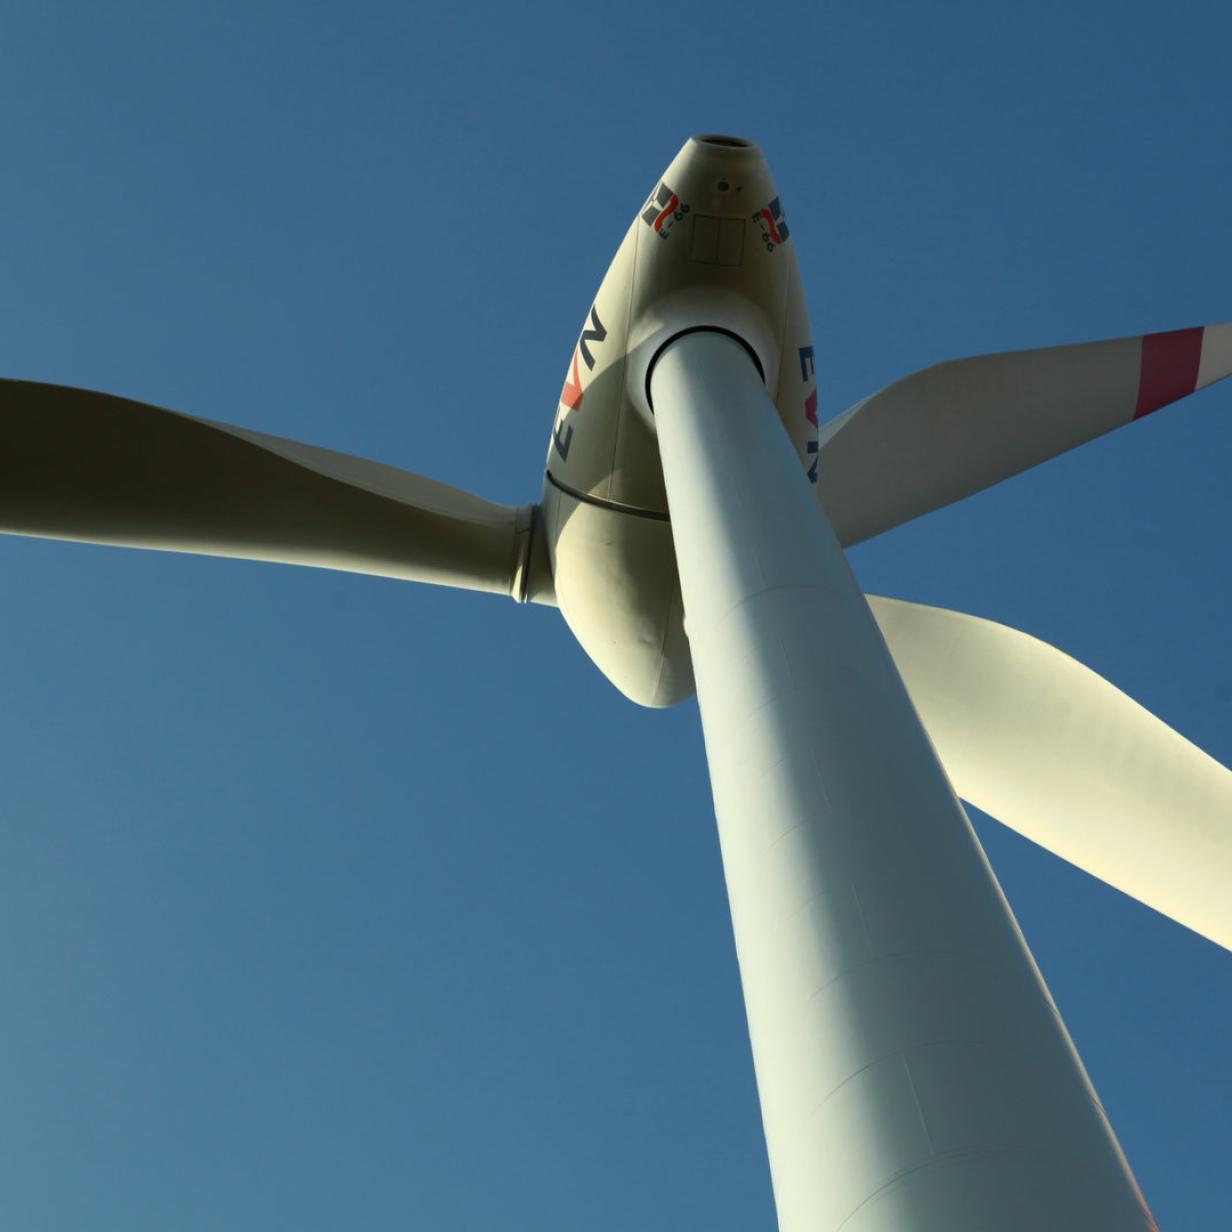 EVN wächst mit Wind und Sonne, die Aktionäre profitieren davon